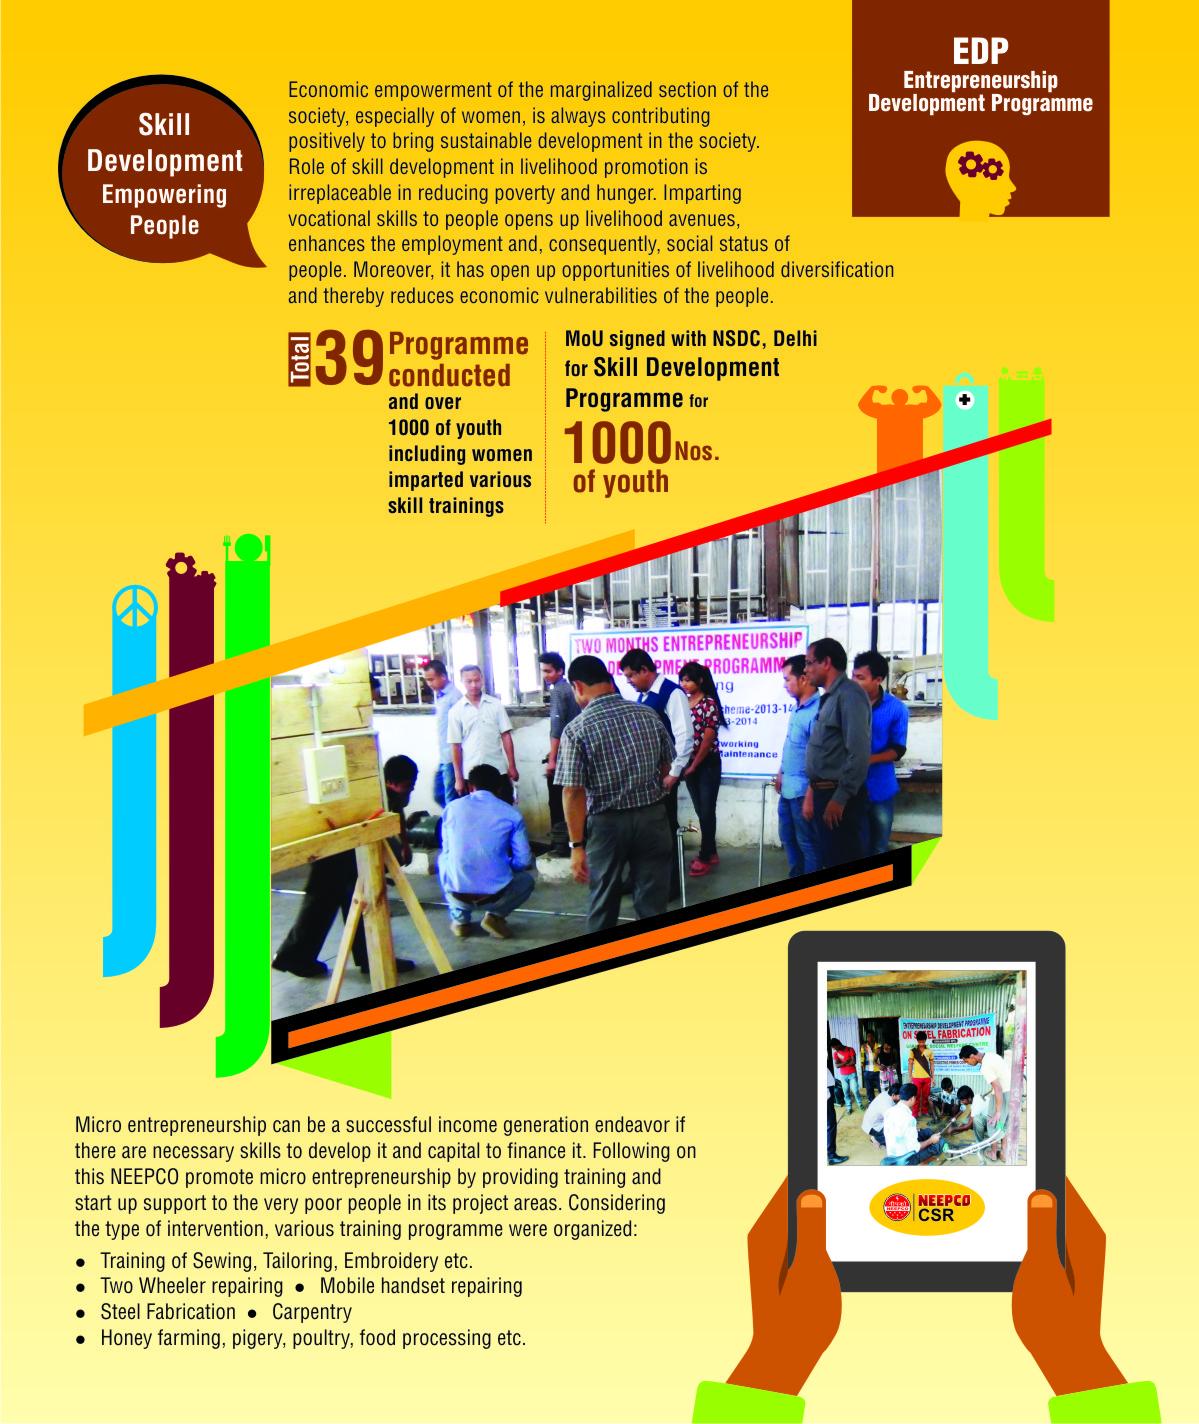 उद्यमिता विकास कार्यक्रम (ईडीपी)